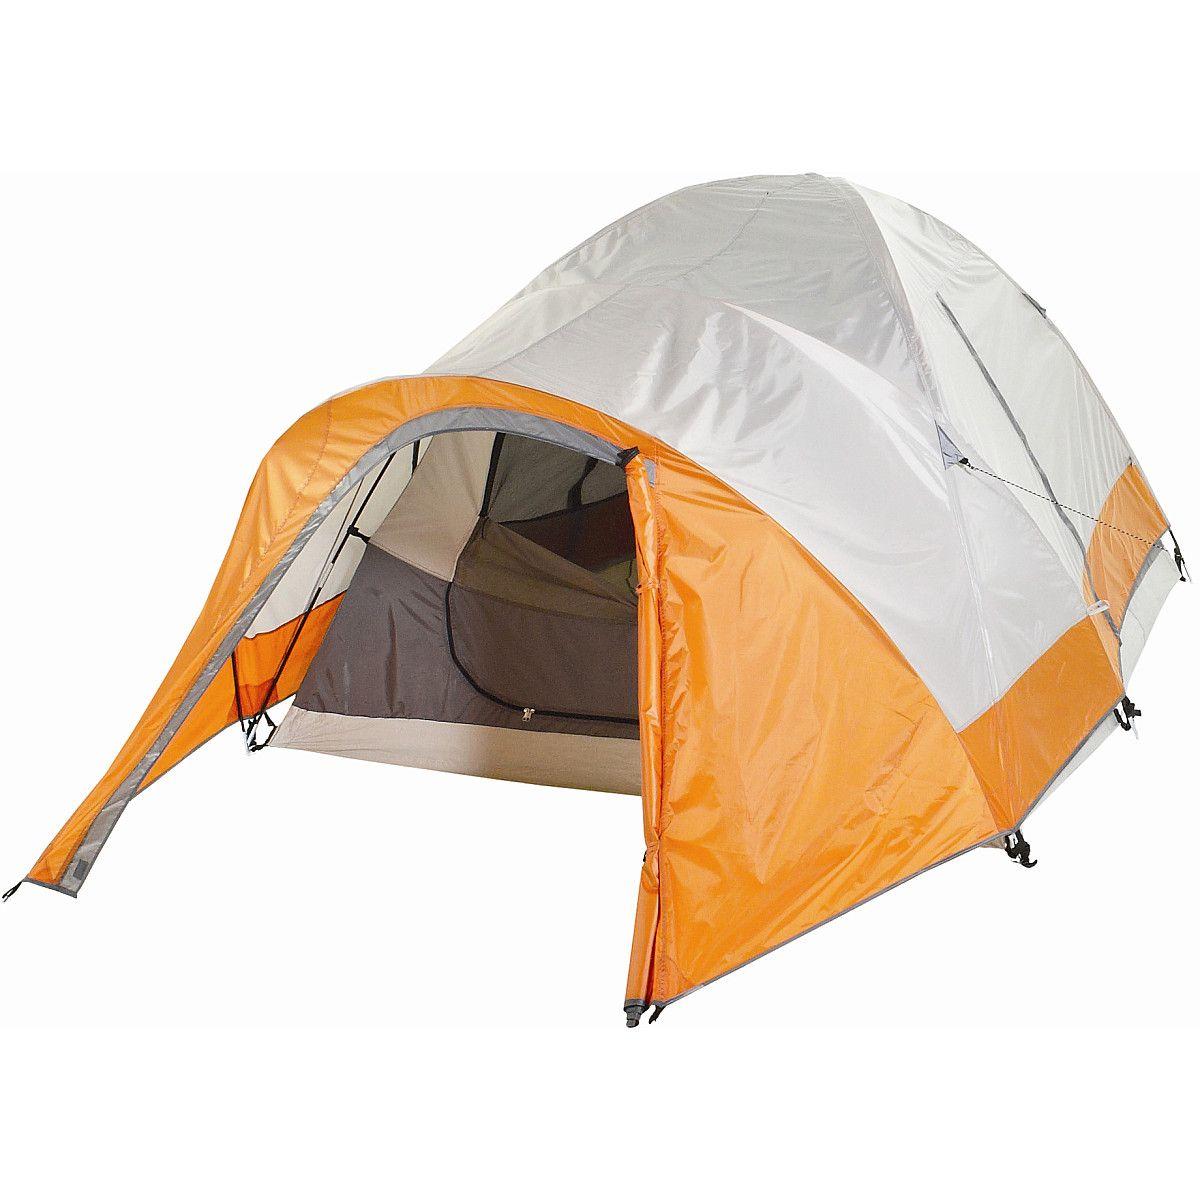 ALPINE DESIGN Horizon 3 Tent - SportsAuthority.com  sc 1 st  Pinterest & ALPINE DESIGN Horizon 3 Tent - SportsAuthority.com | Camping ...